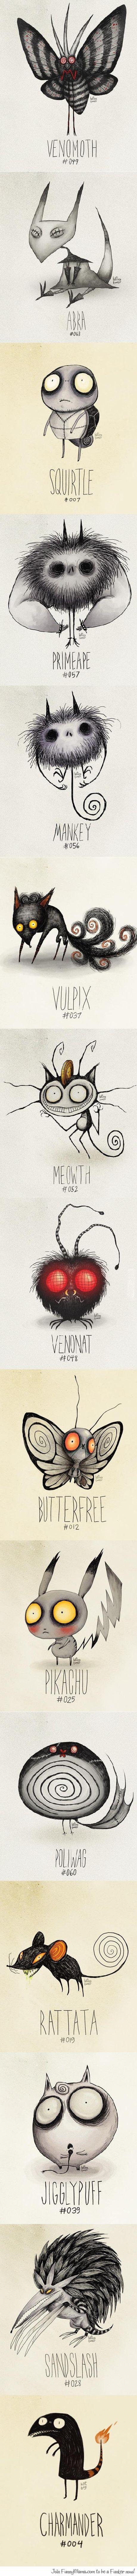 Los pokemons de Tim Burton